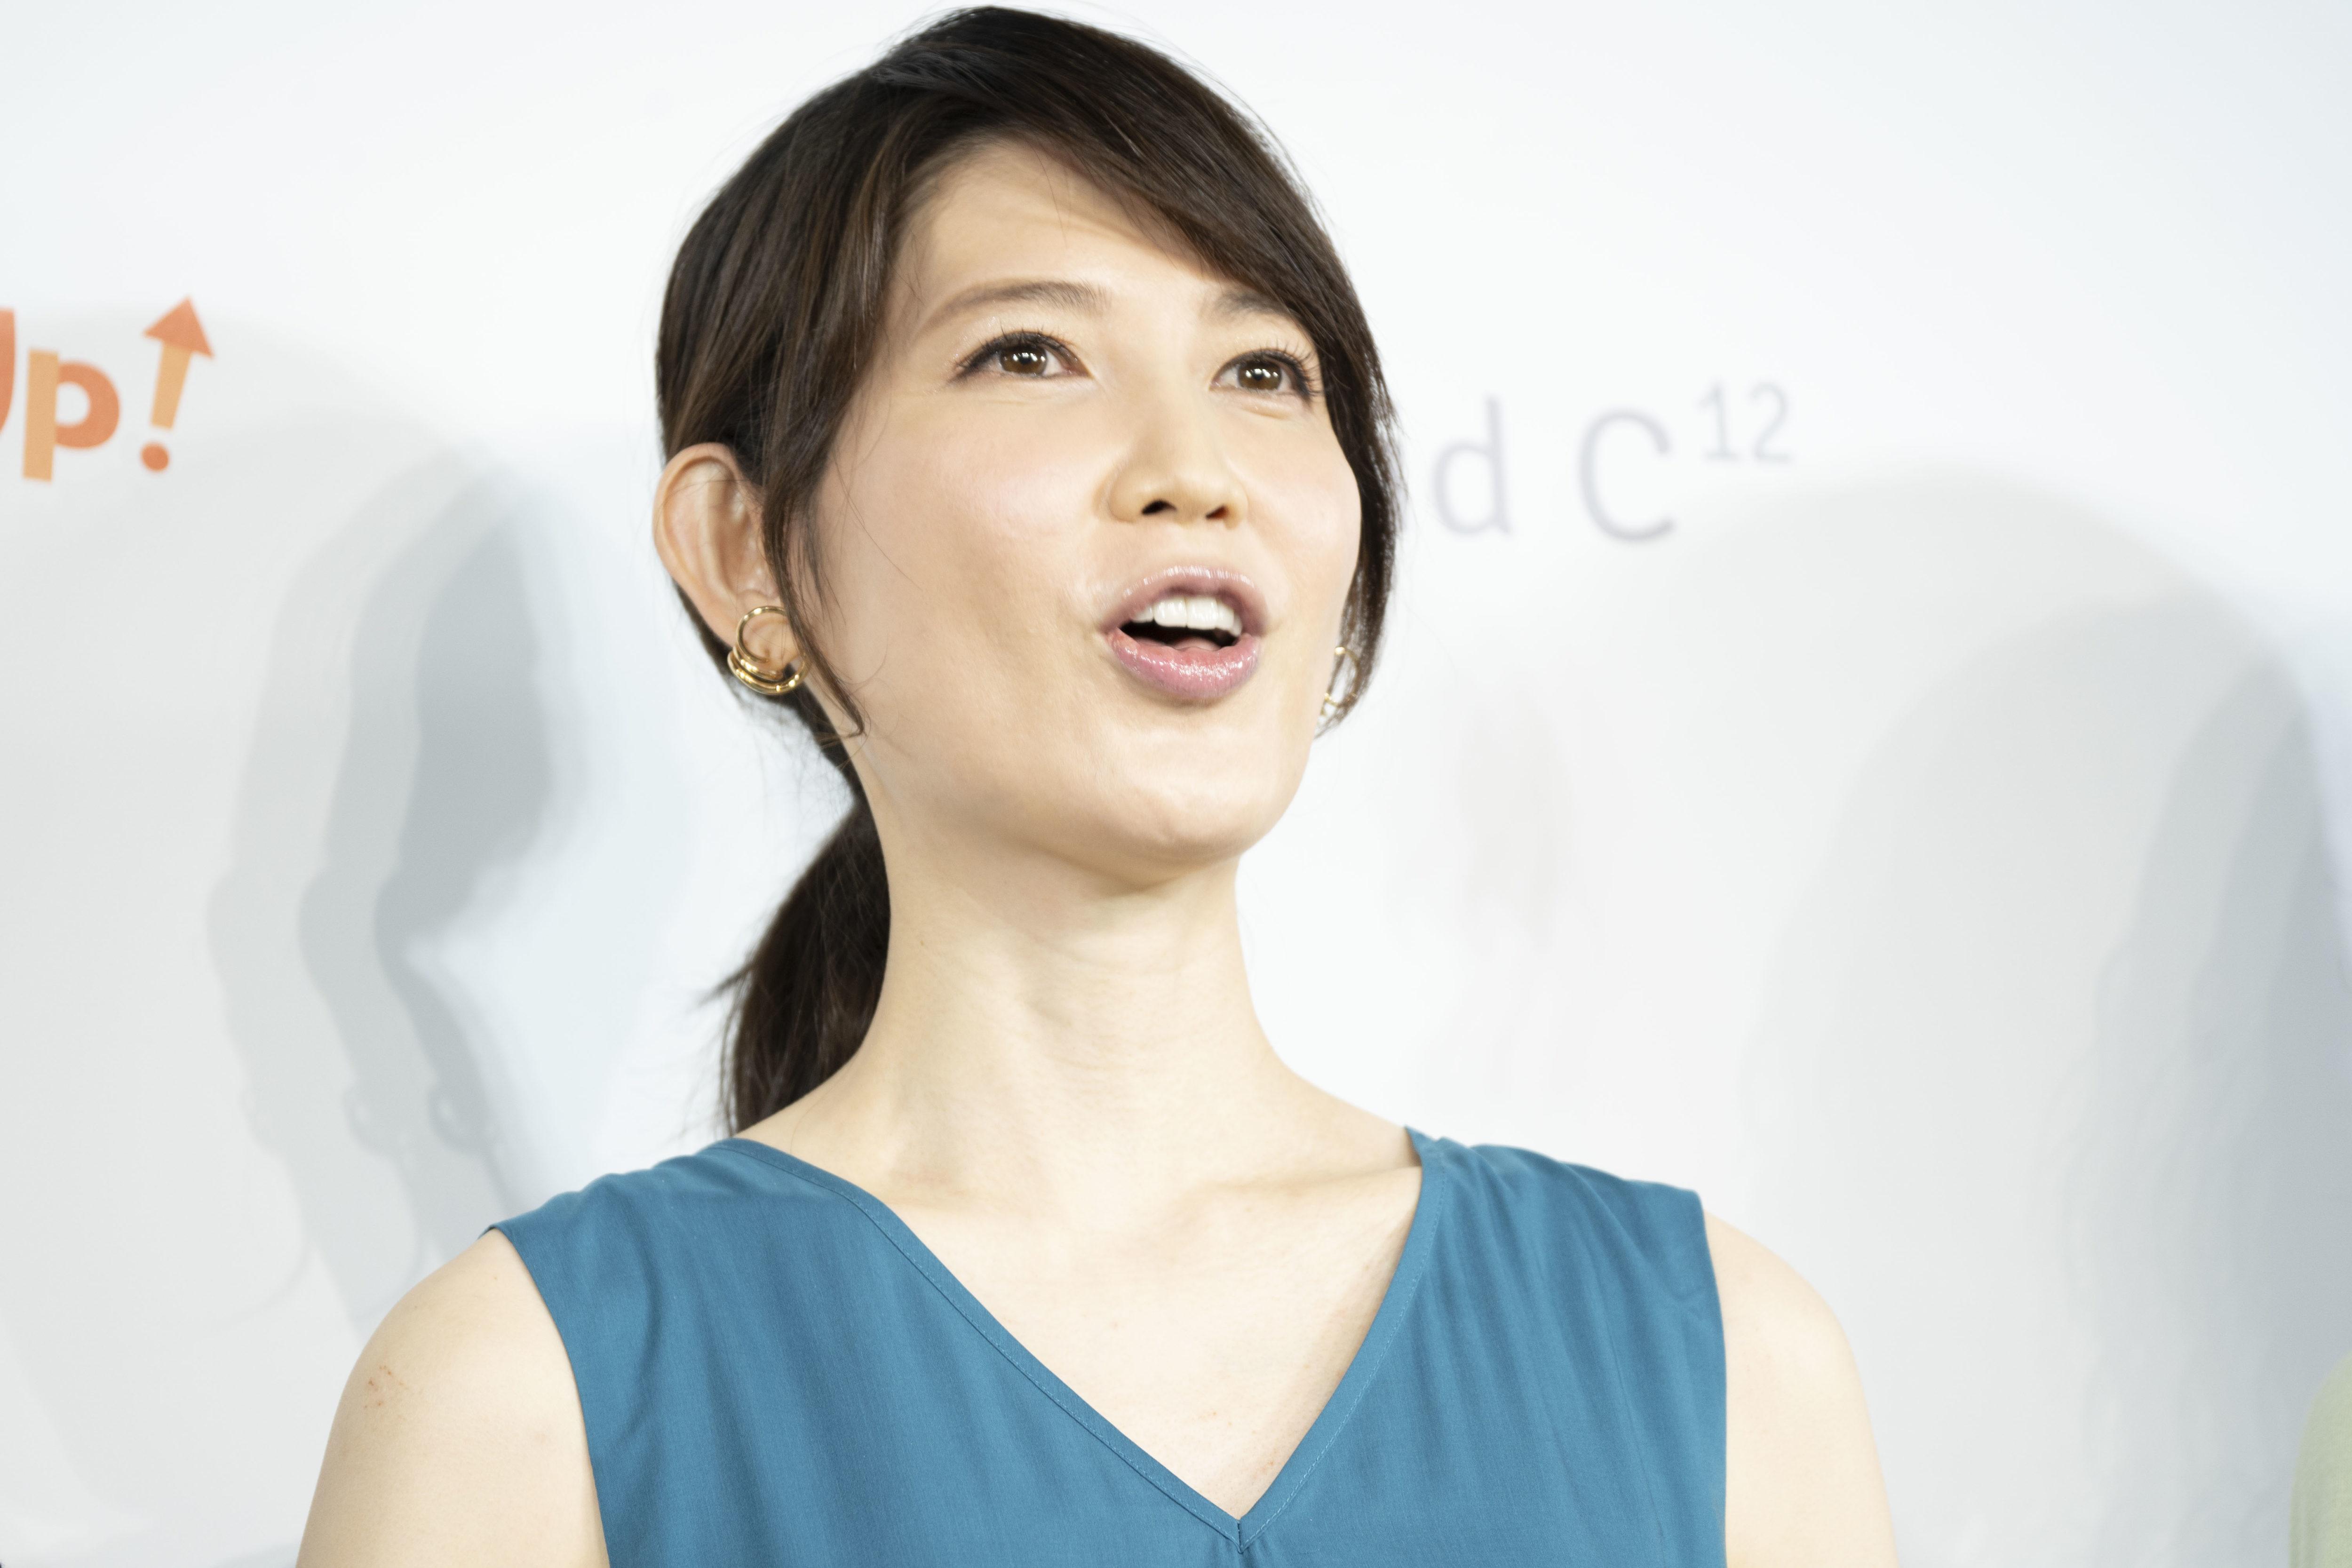 中村仁美、第3子の性別を発表 「人生一番のモテ期」と令和への期待も - 友利新